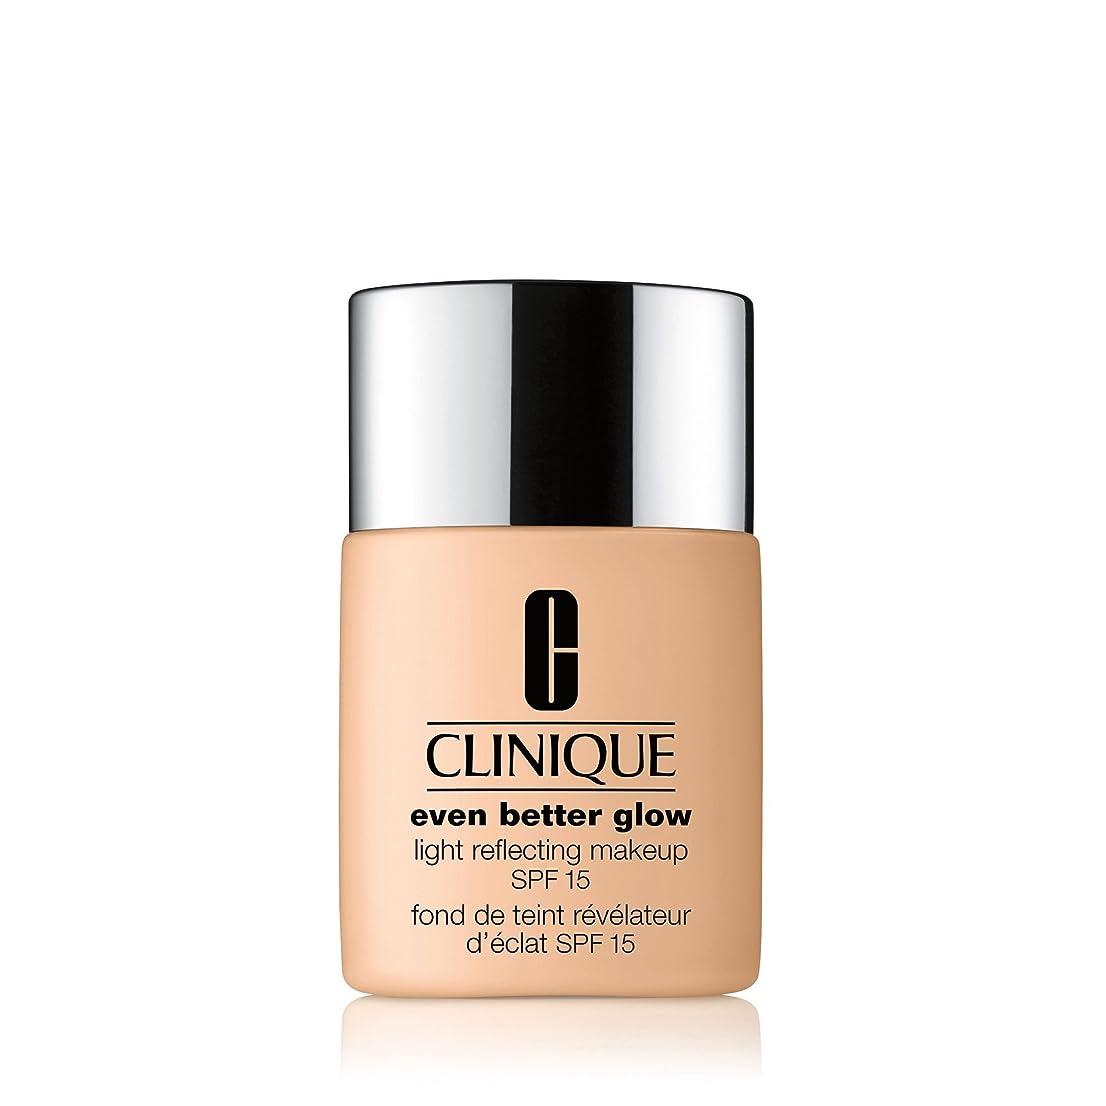 概念ピジン歩き回るクリニーク Even Better Glow Light Reflecting Makeup SPF 15 - # CN 20 Fair 30ml/1oz並行輸入品